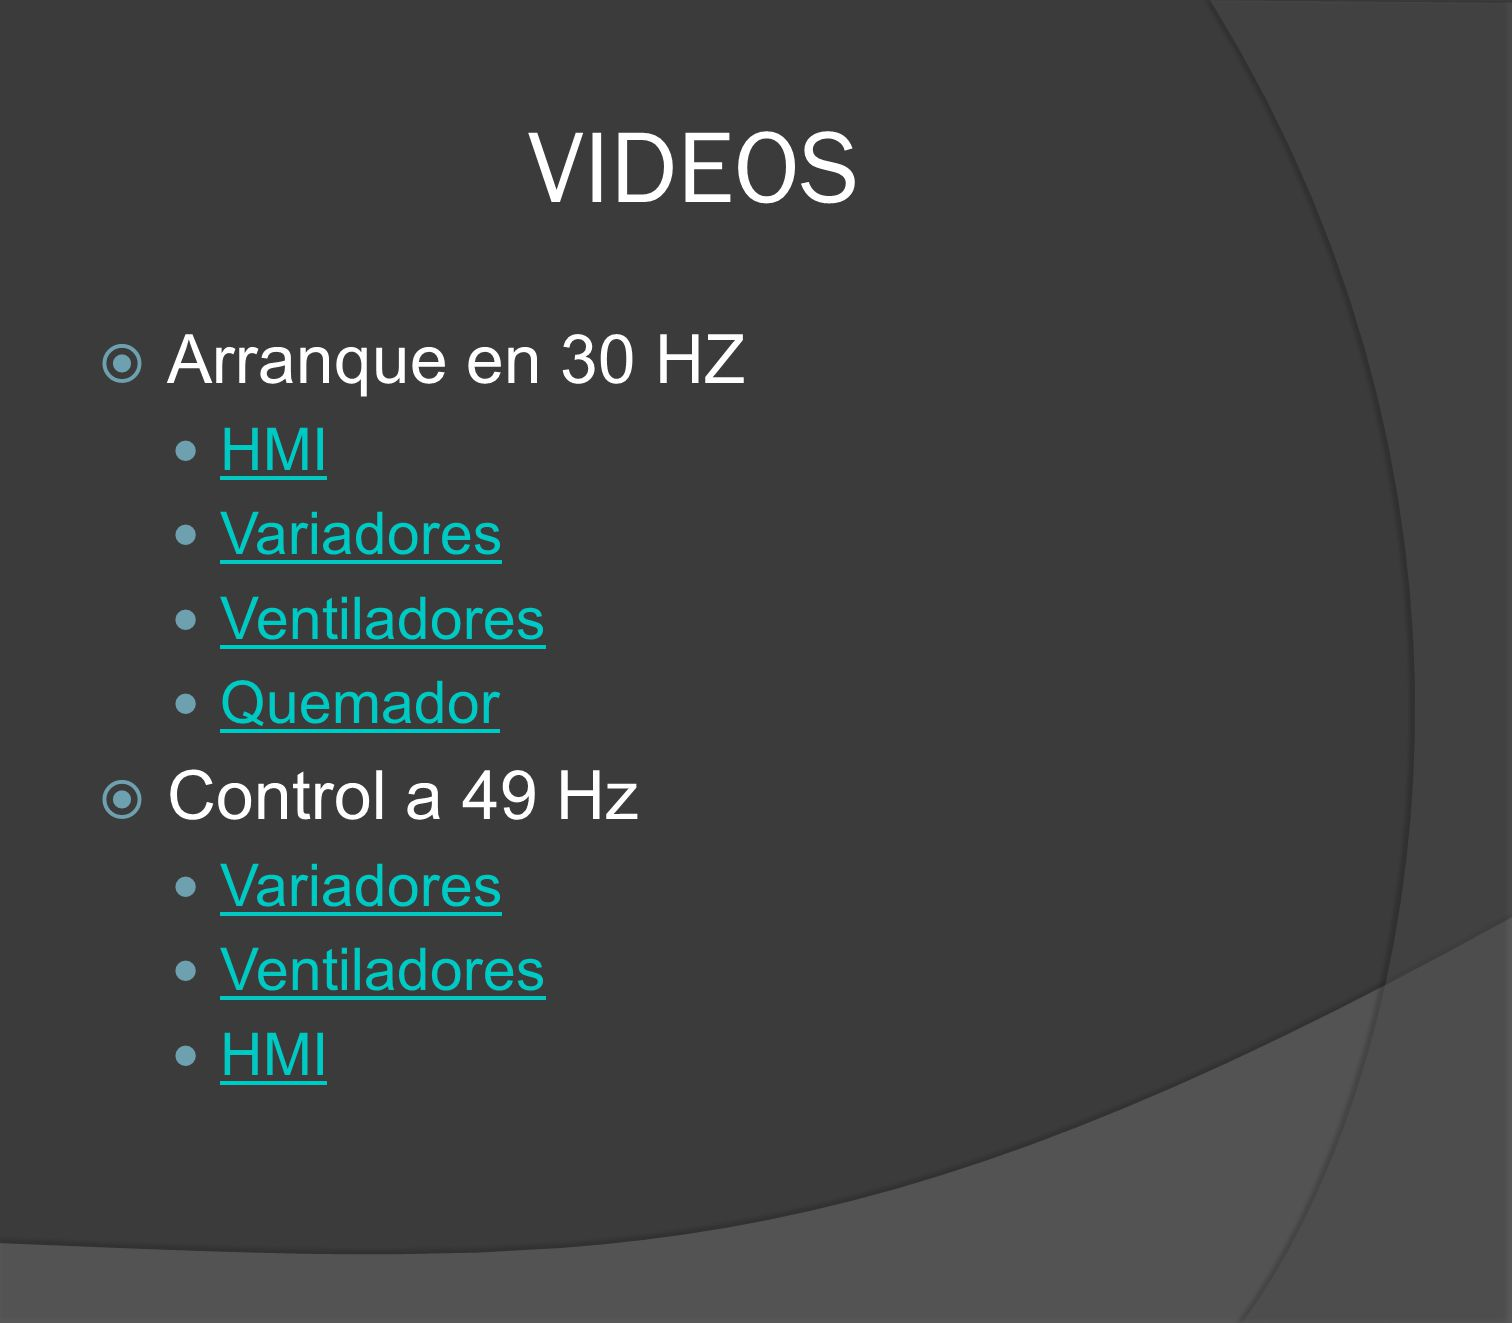 VIDEOS Arranque en 30 HZ Control a 49 Hz HMI Variadores Ventiladores